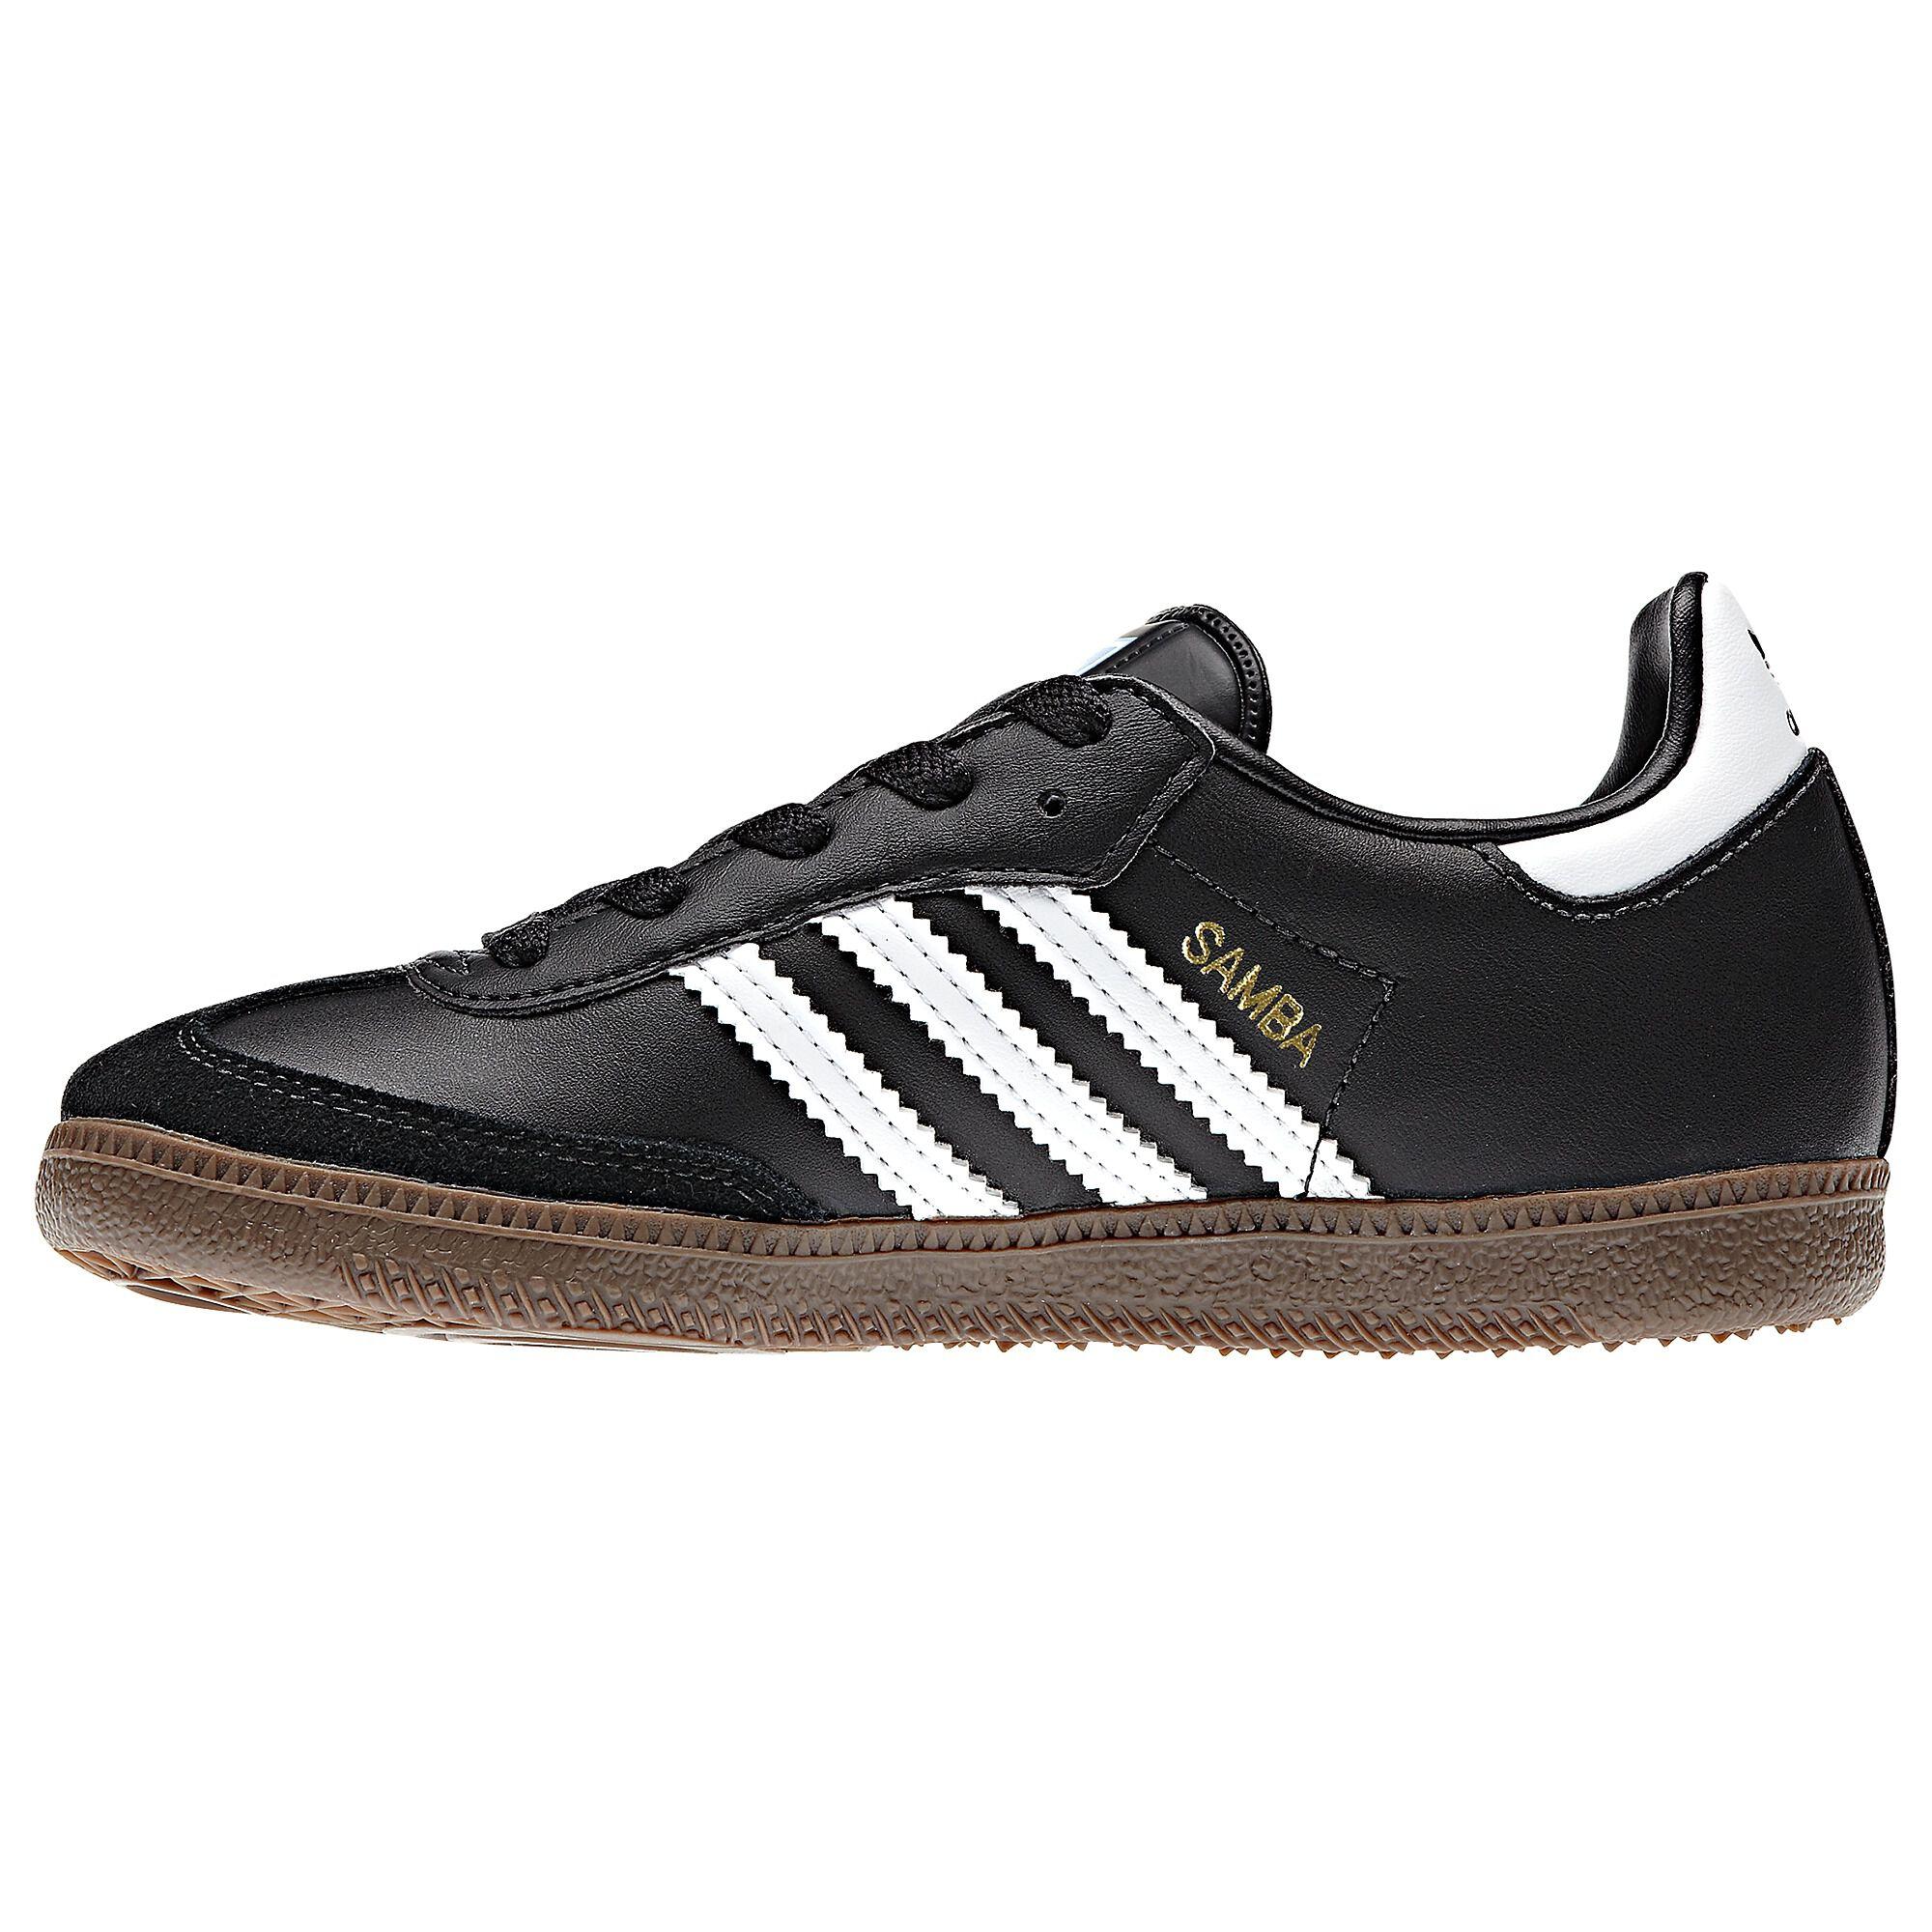 Adidas Samba Outfit Adidas Samba Shoes Core